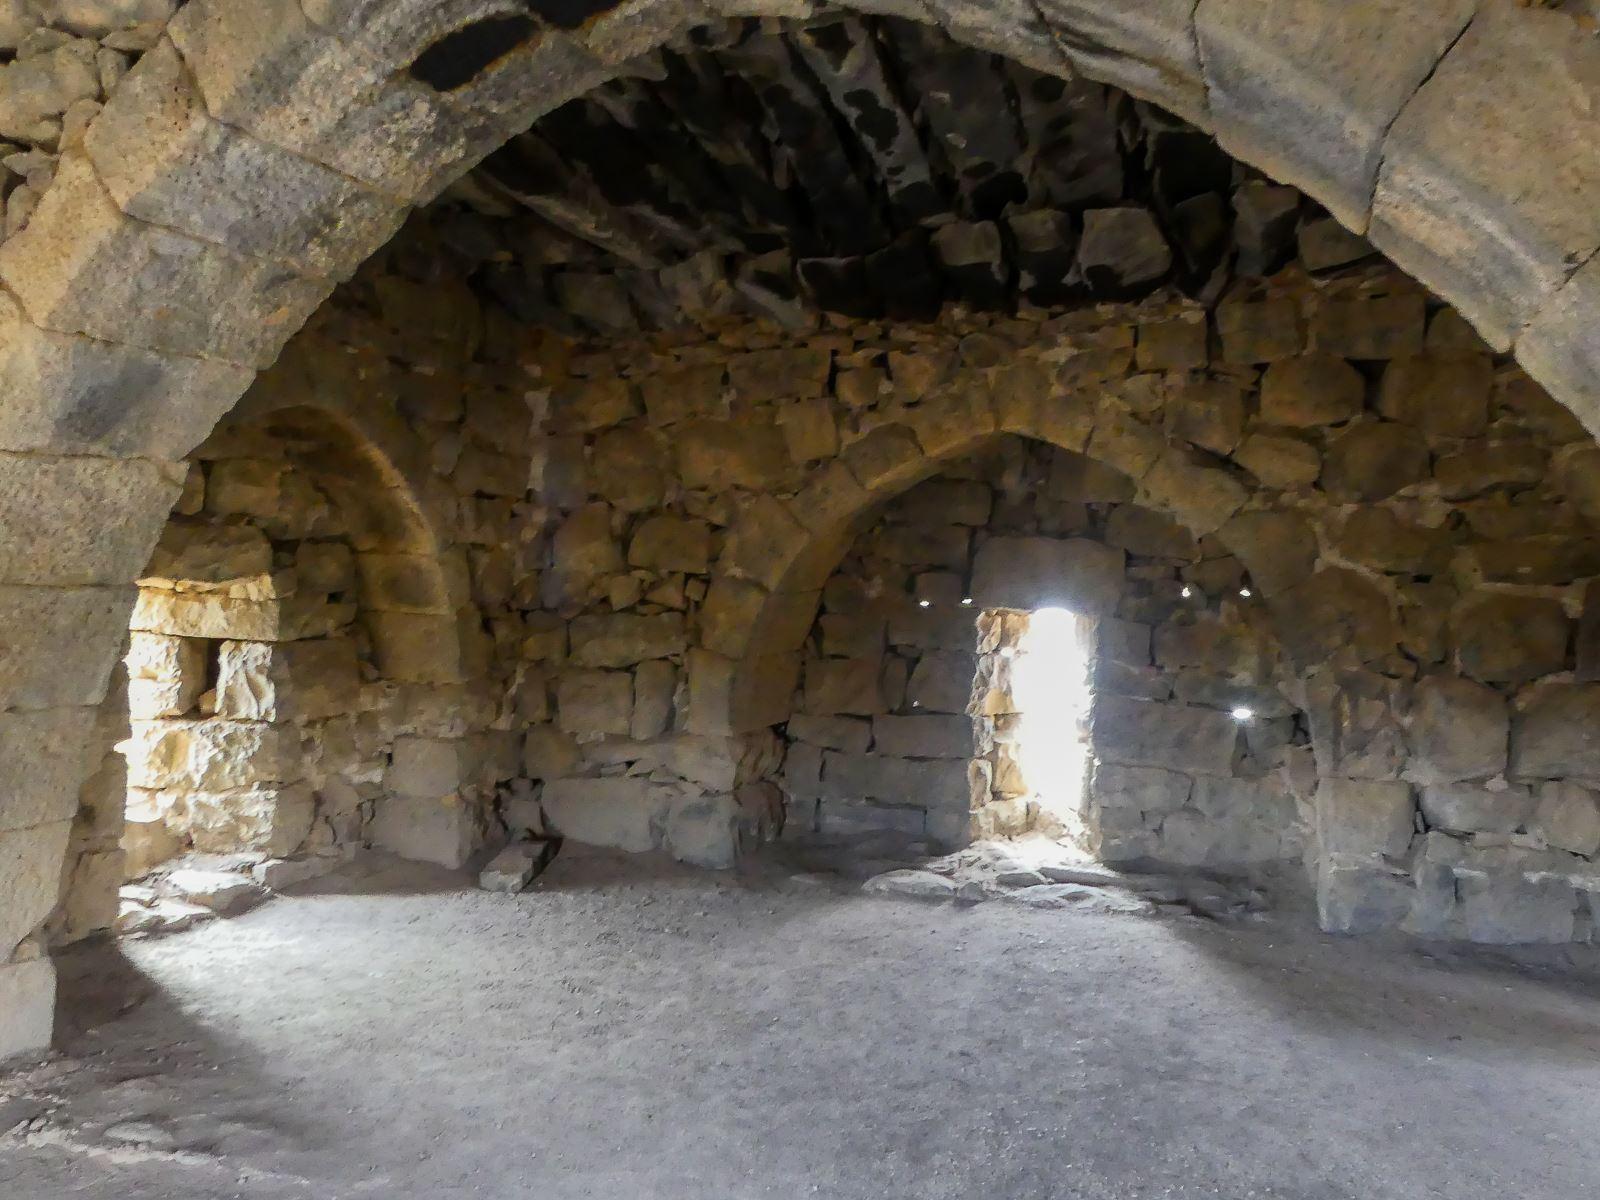 Jordanie - château du désert - Azrak - chambre de Lawrence d'Arabie